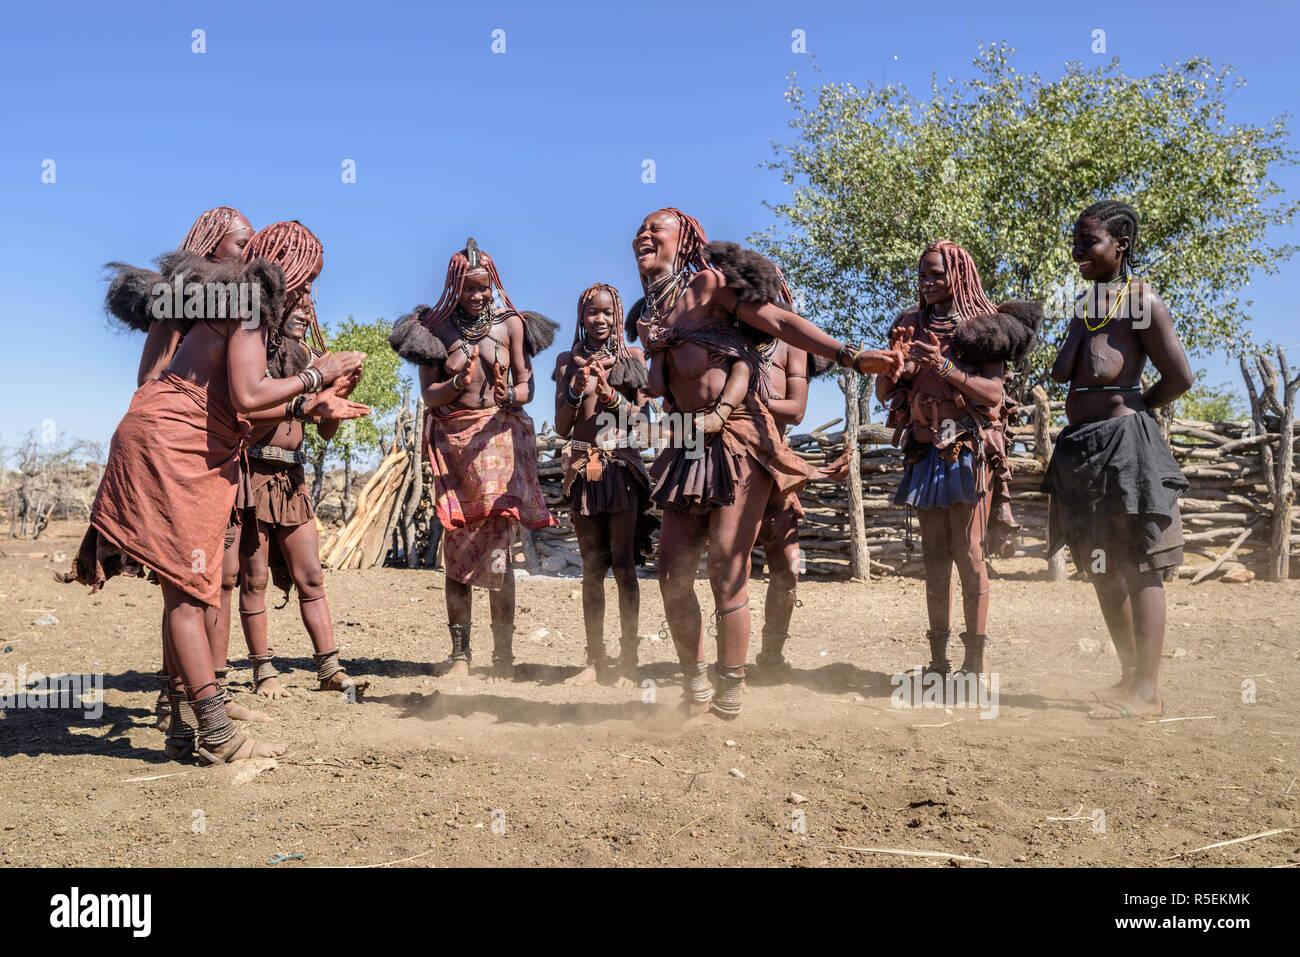 Un gruppo di donne himba con abiti tradizionali balli in un cerchio, alcuni di loro mentre trasportano i loro bimbi sulle loro spalle. Foto Stock